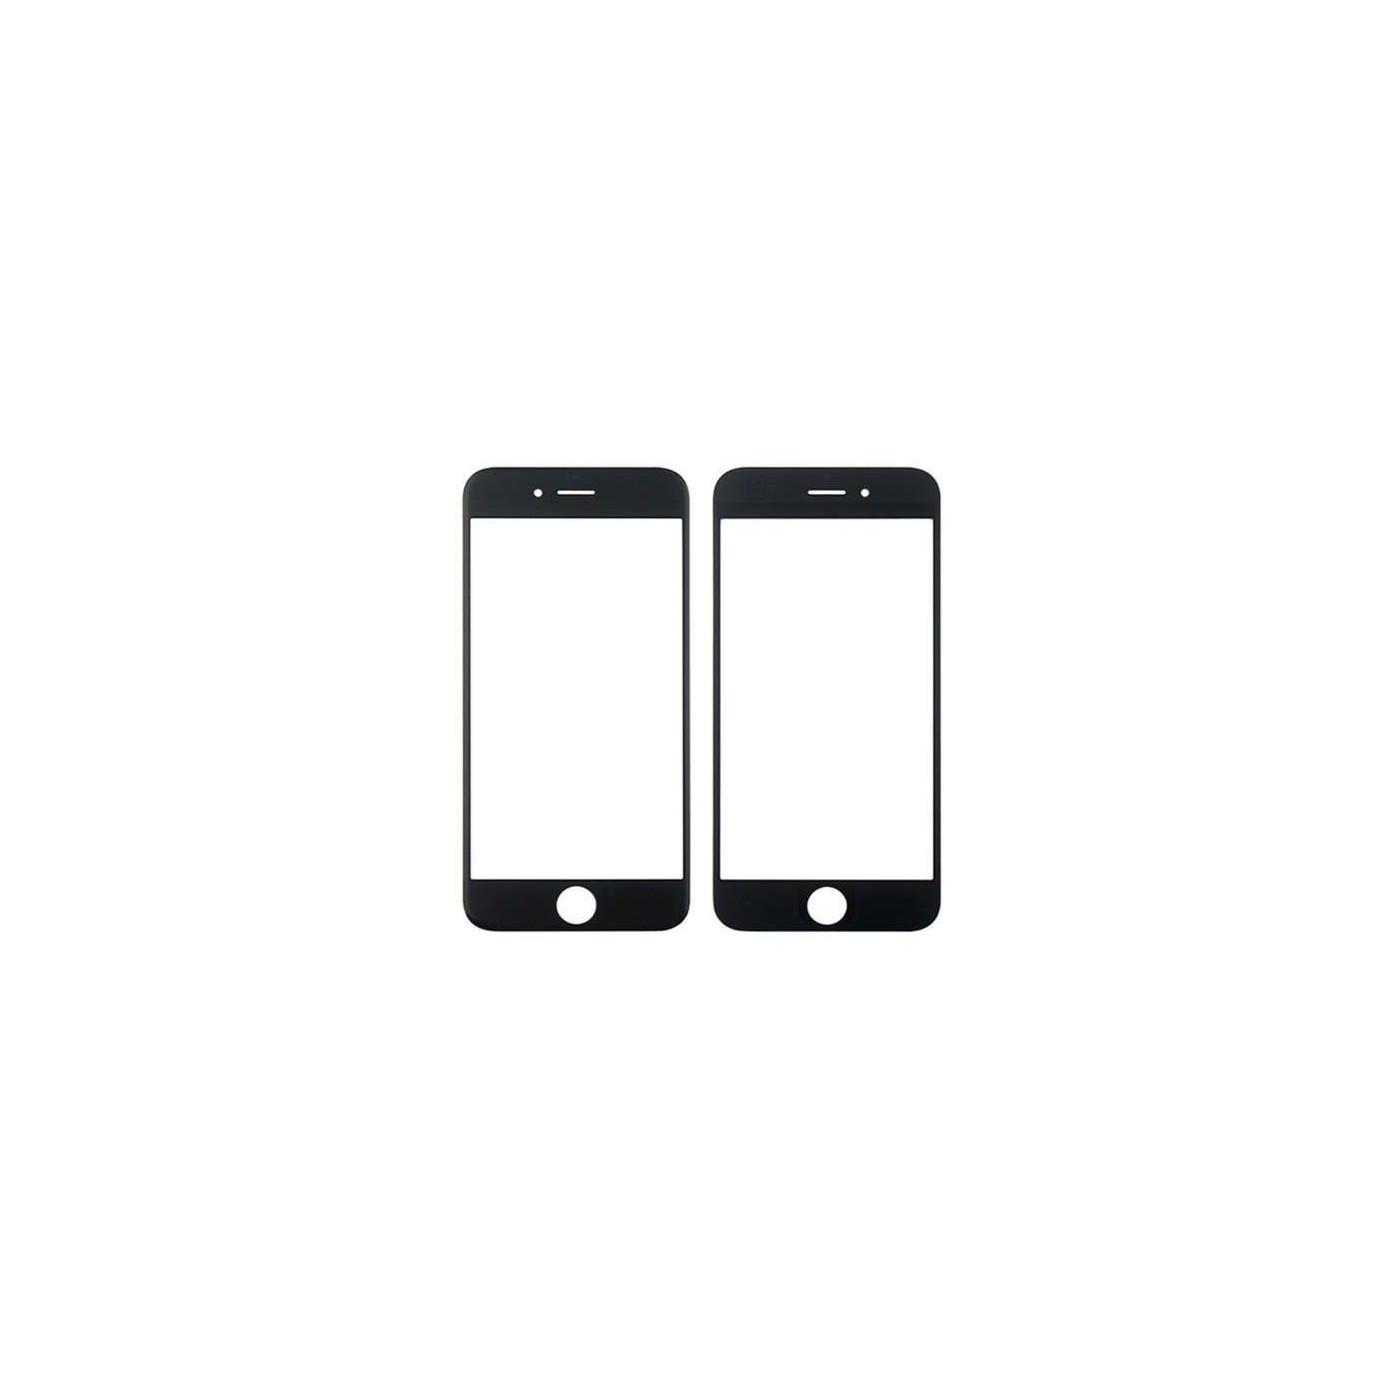 Vitre frontale en verre pour Apple iPhone 6 - Ecran tactile noir 6s